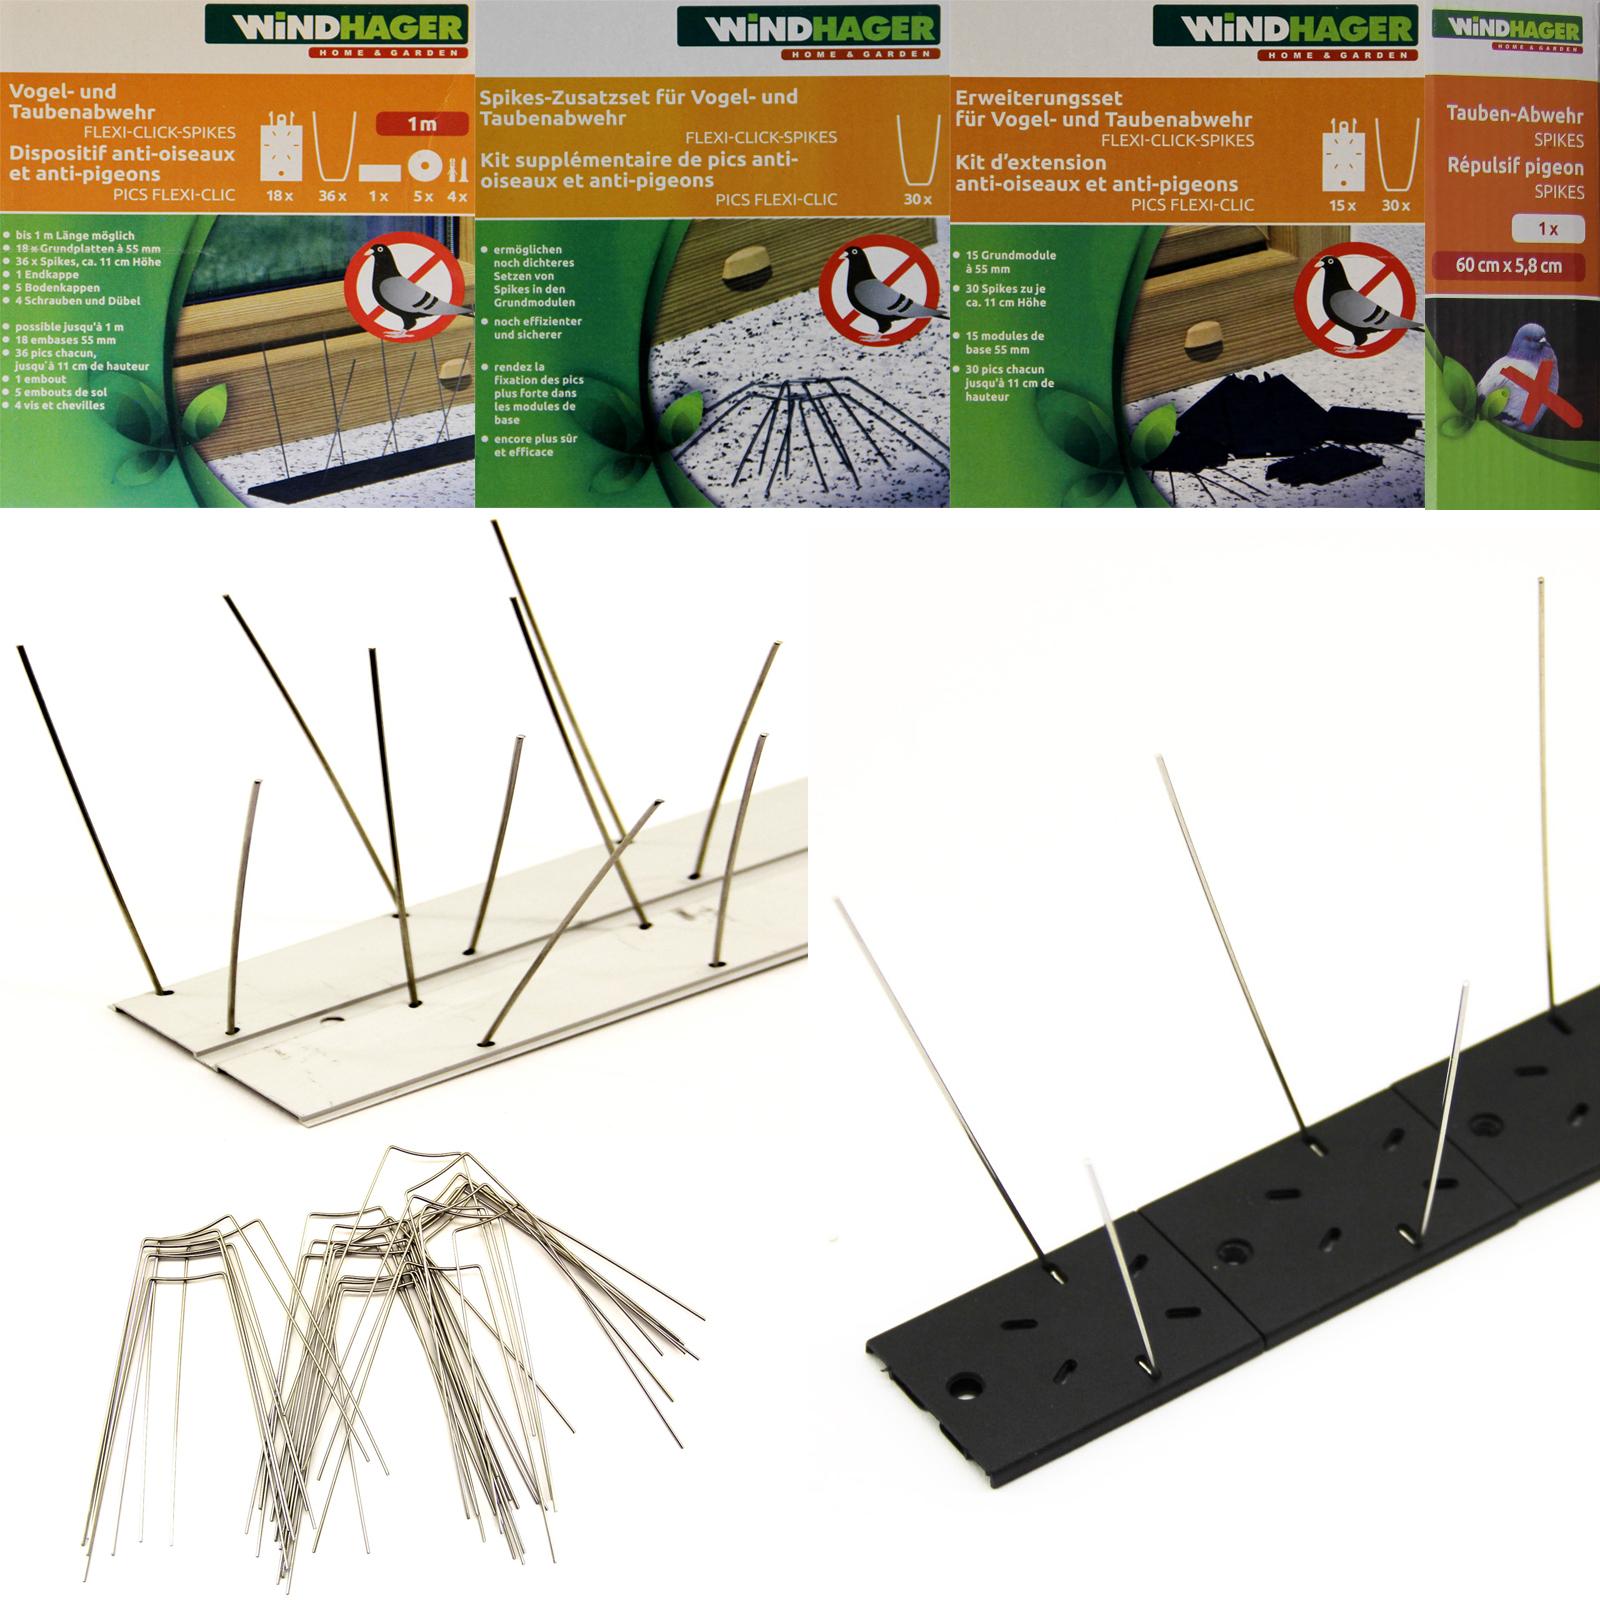 Taubenabwehr Vogelschreck Vogelabwehr Spikes Taubenspikes PVC Alu Edelstahl